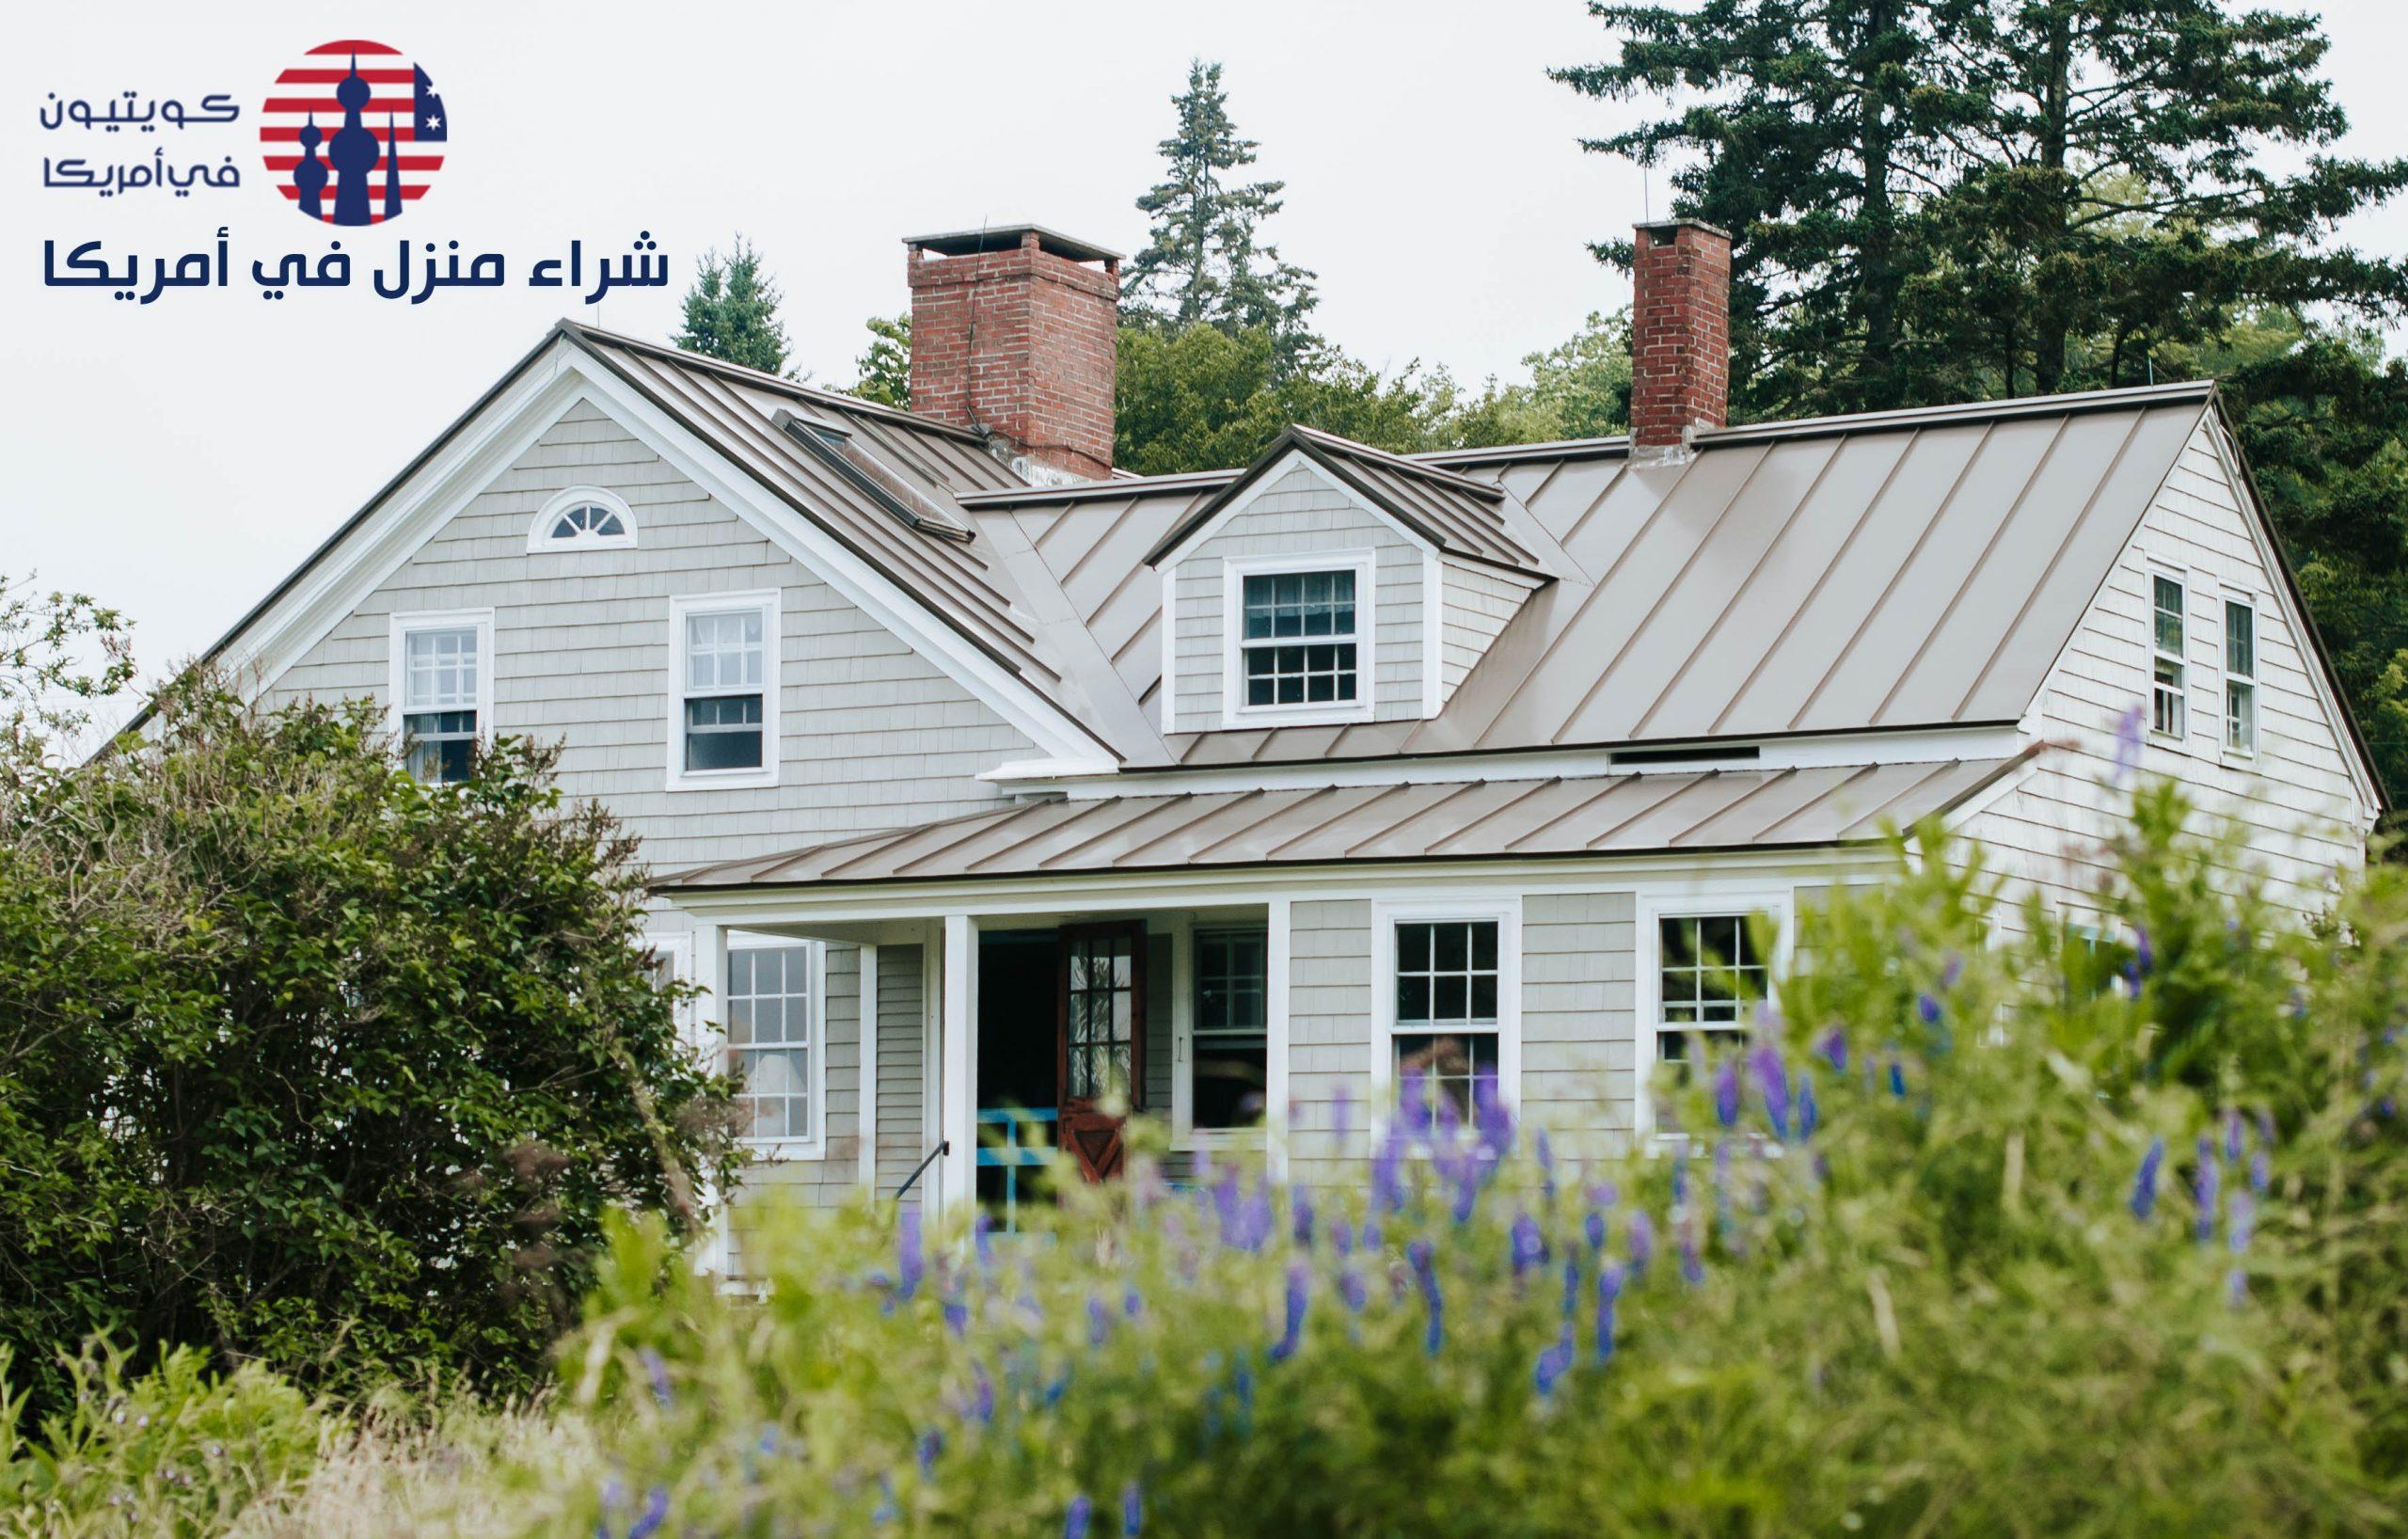 شراء منزل في أمريكا